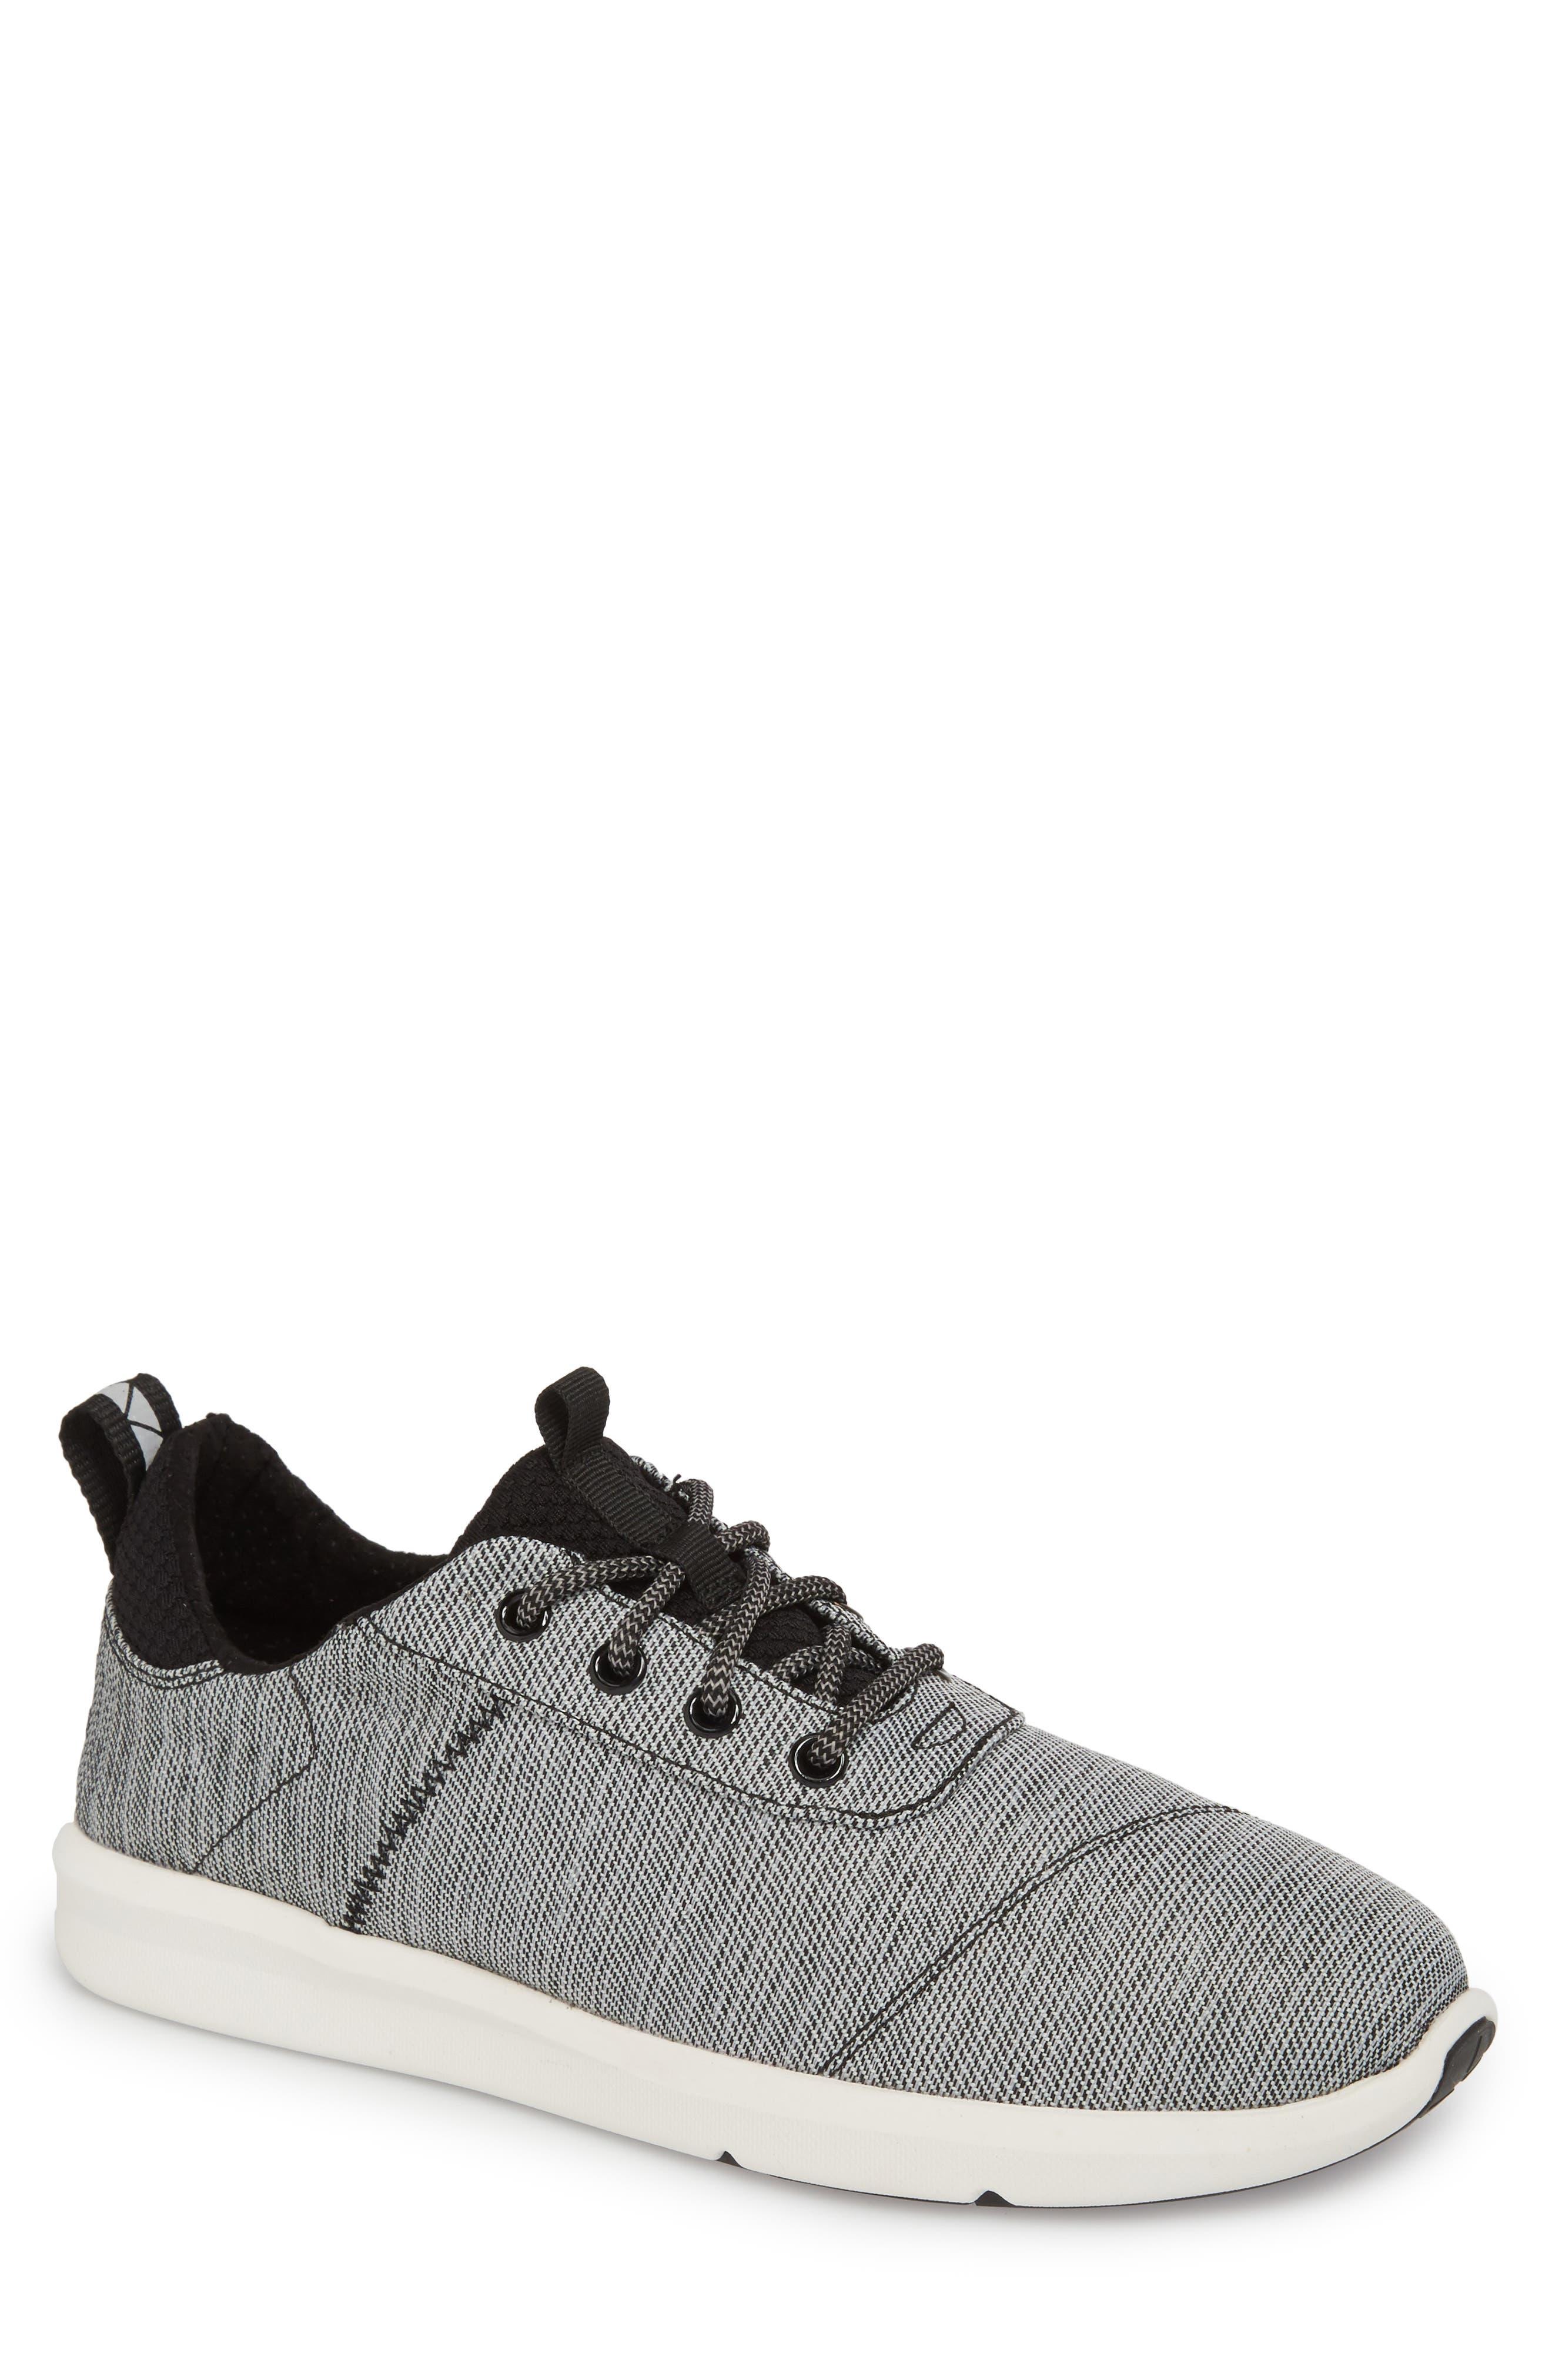 Cabrillo Sneaker,                         Main,                         color, Black Space-Dye